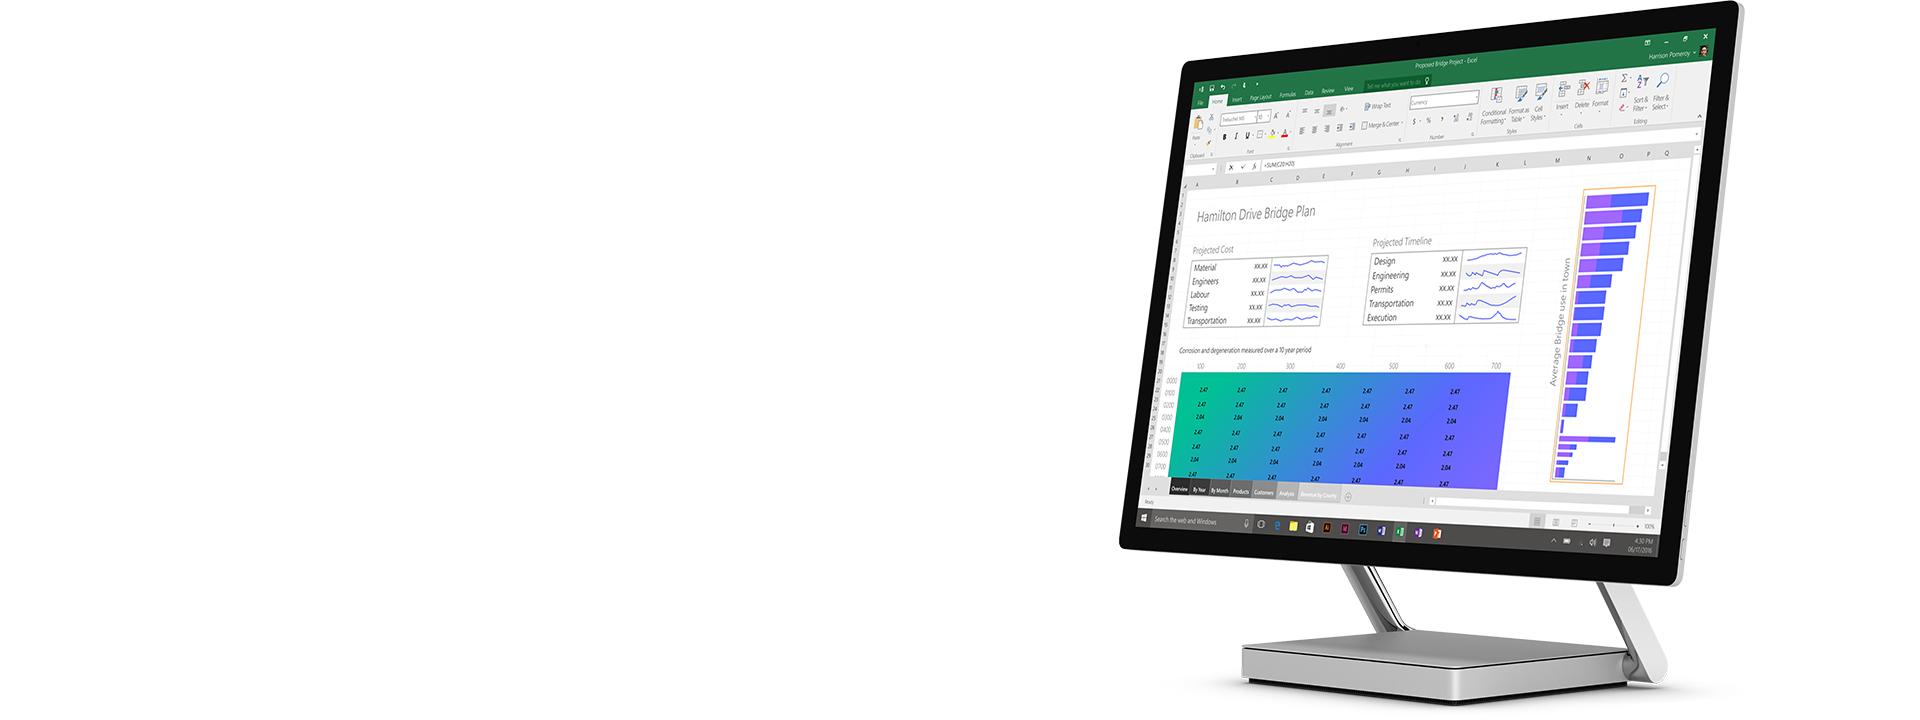 Surface Studio in bureaubladmodus met Excel spreadsheet open op het scherm